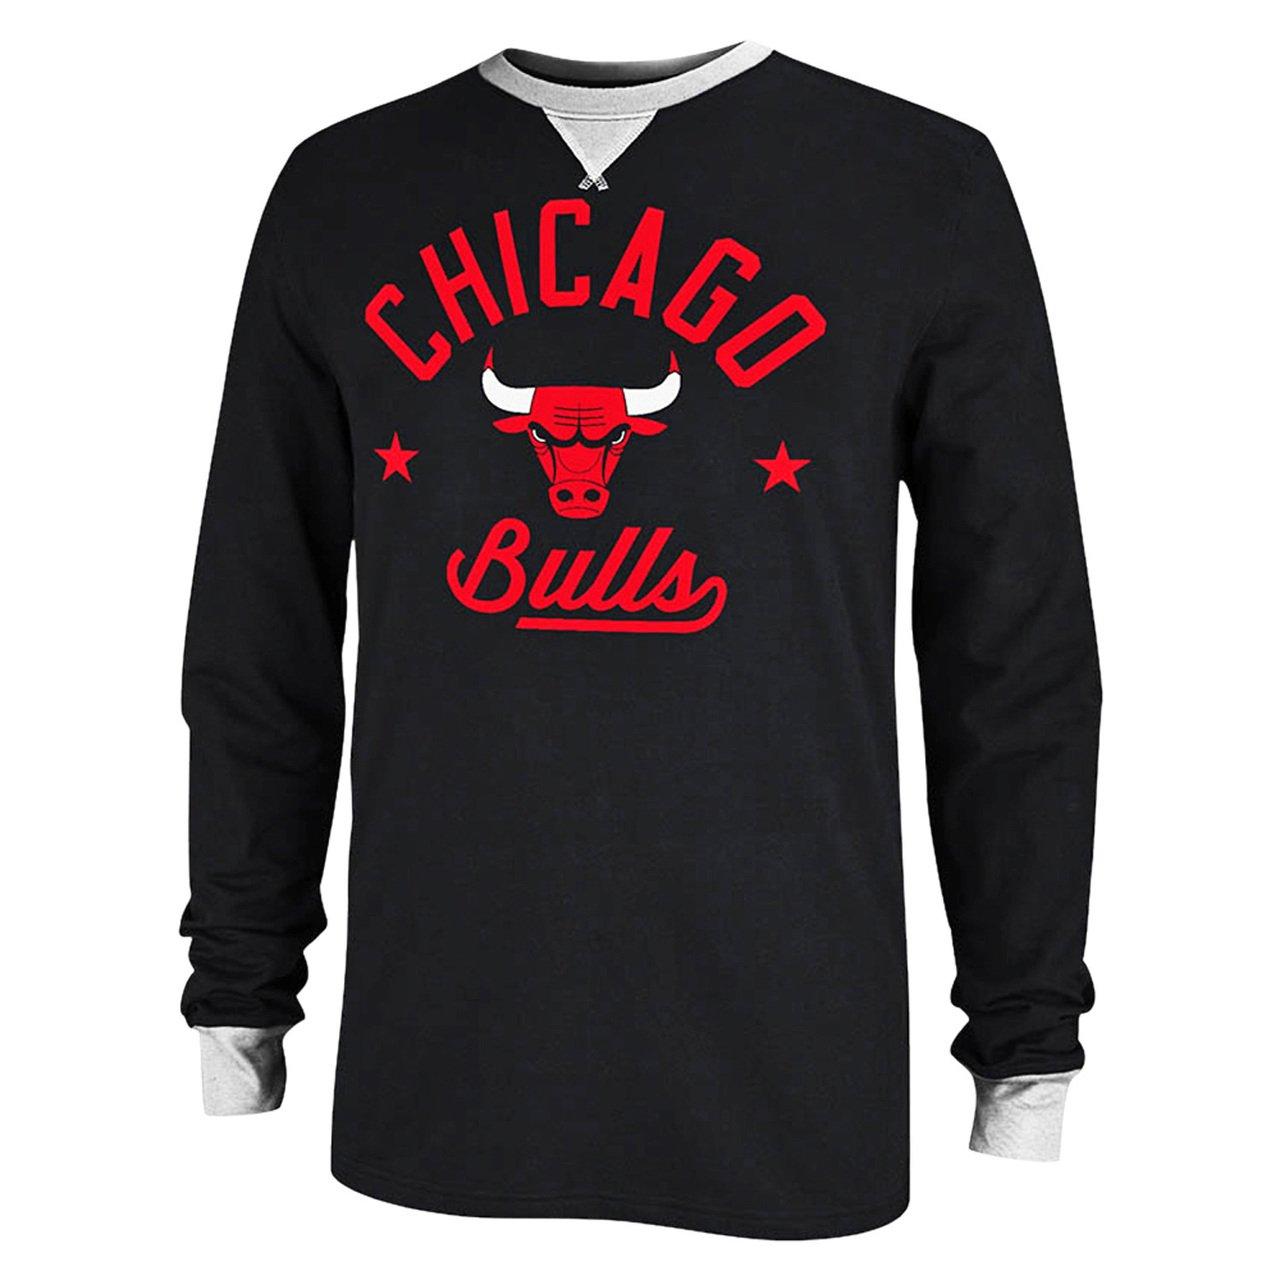 シカゴブルズAdidasブラック長袖アップリケクルーシャツ B00PGSXD0U  Small